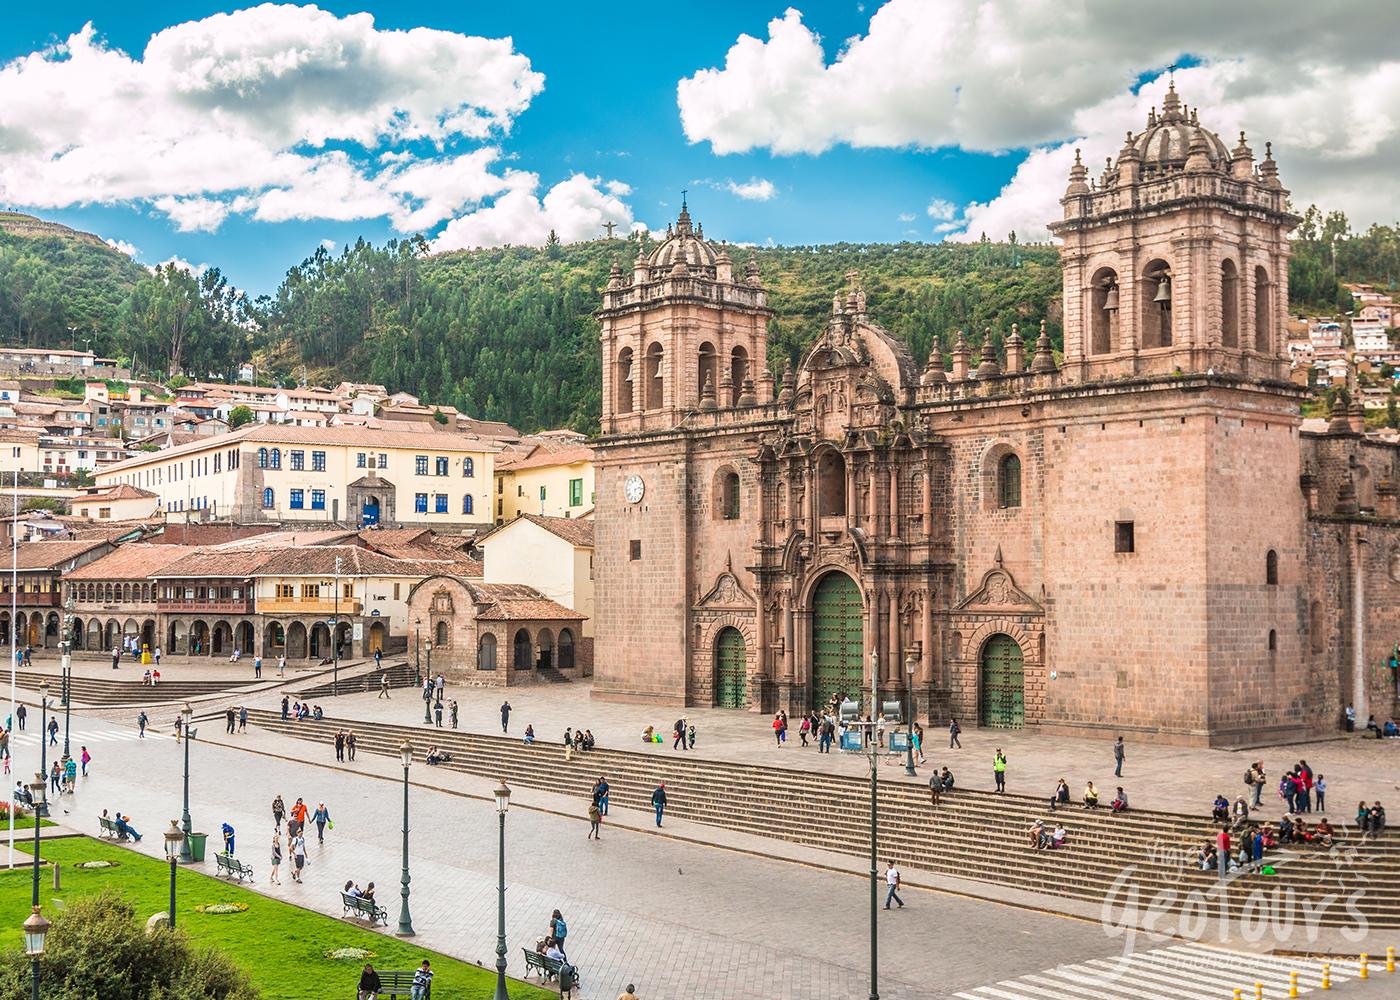 Viajes a Perú, Lima, Cusco, y más 8 días